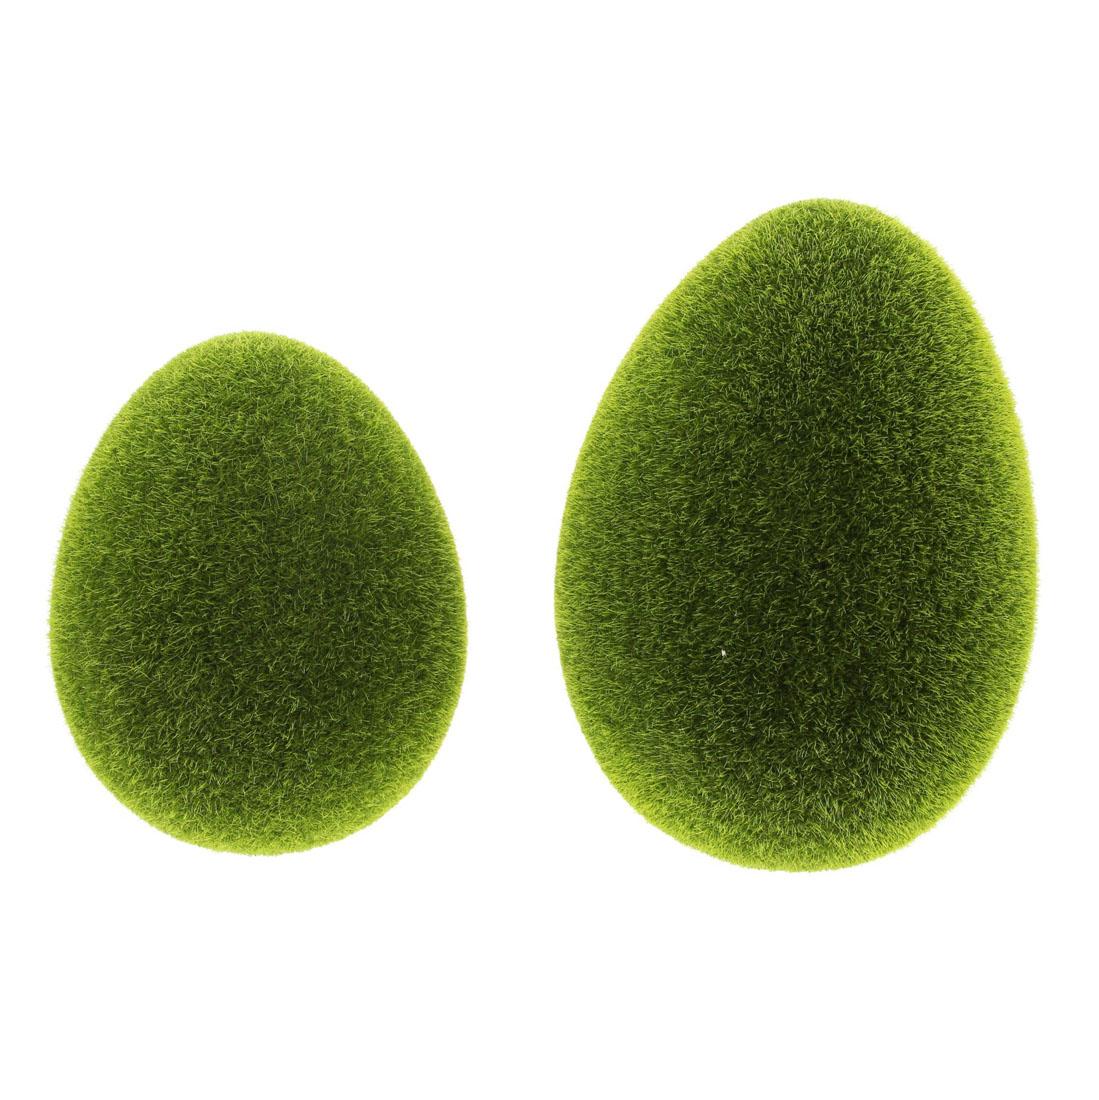 """Декоративные фигуры """"Яйца - зеленый мох"""", 2 штуки [07236],"""